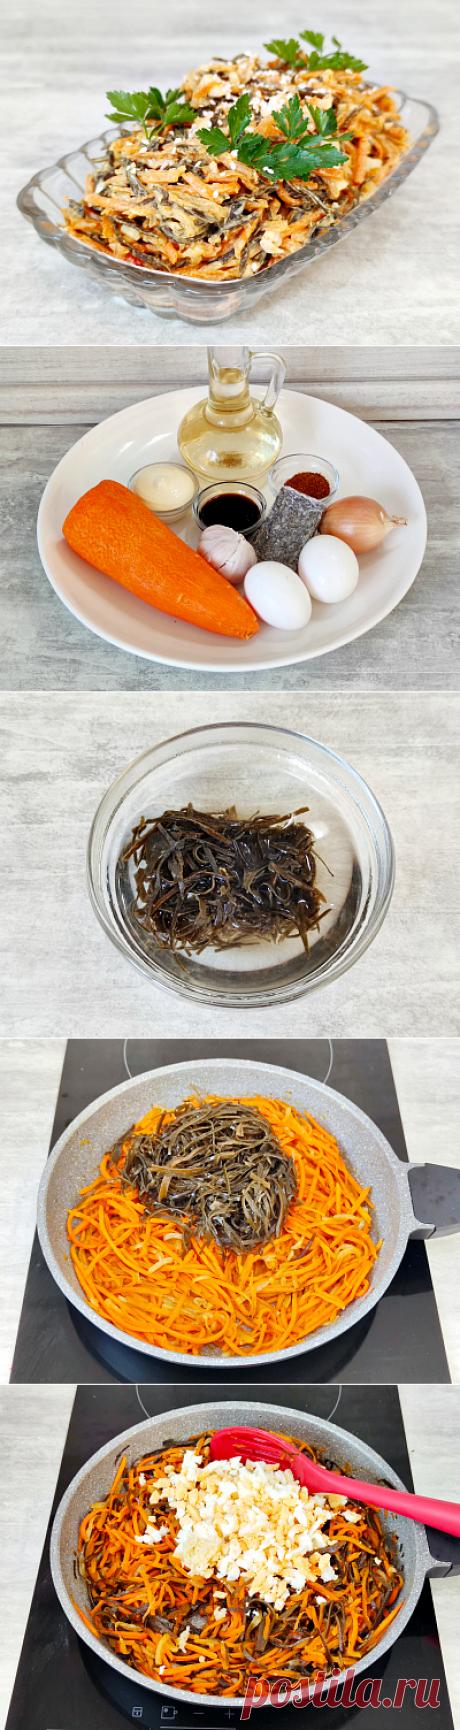 Салат из морской капусты и моркови - Oбжорка Gluttony.ru